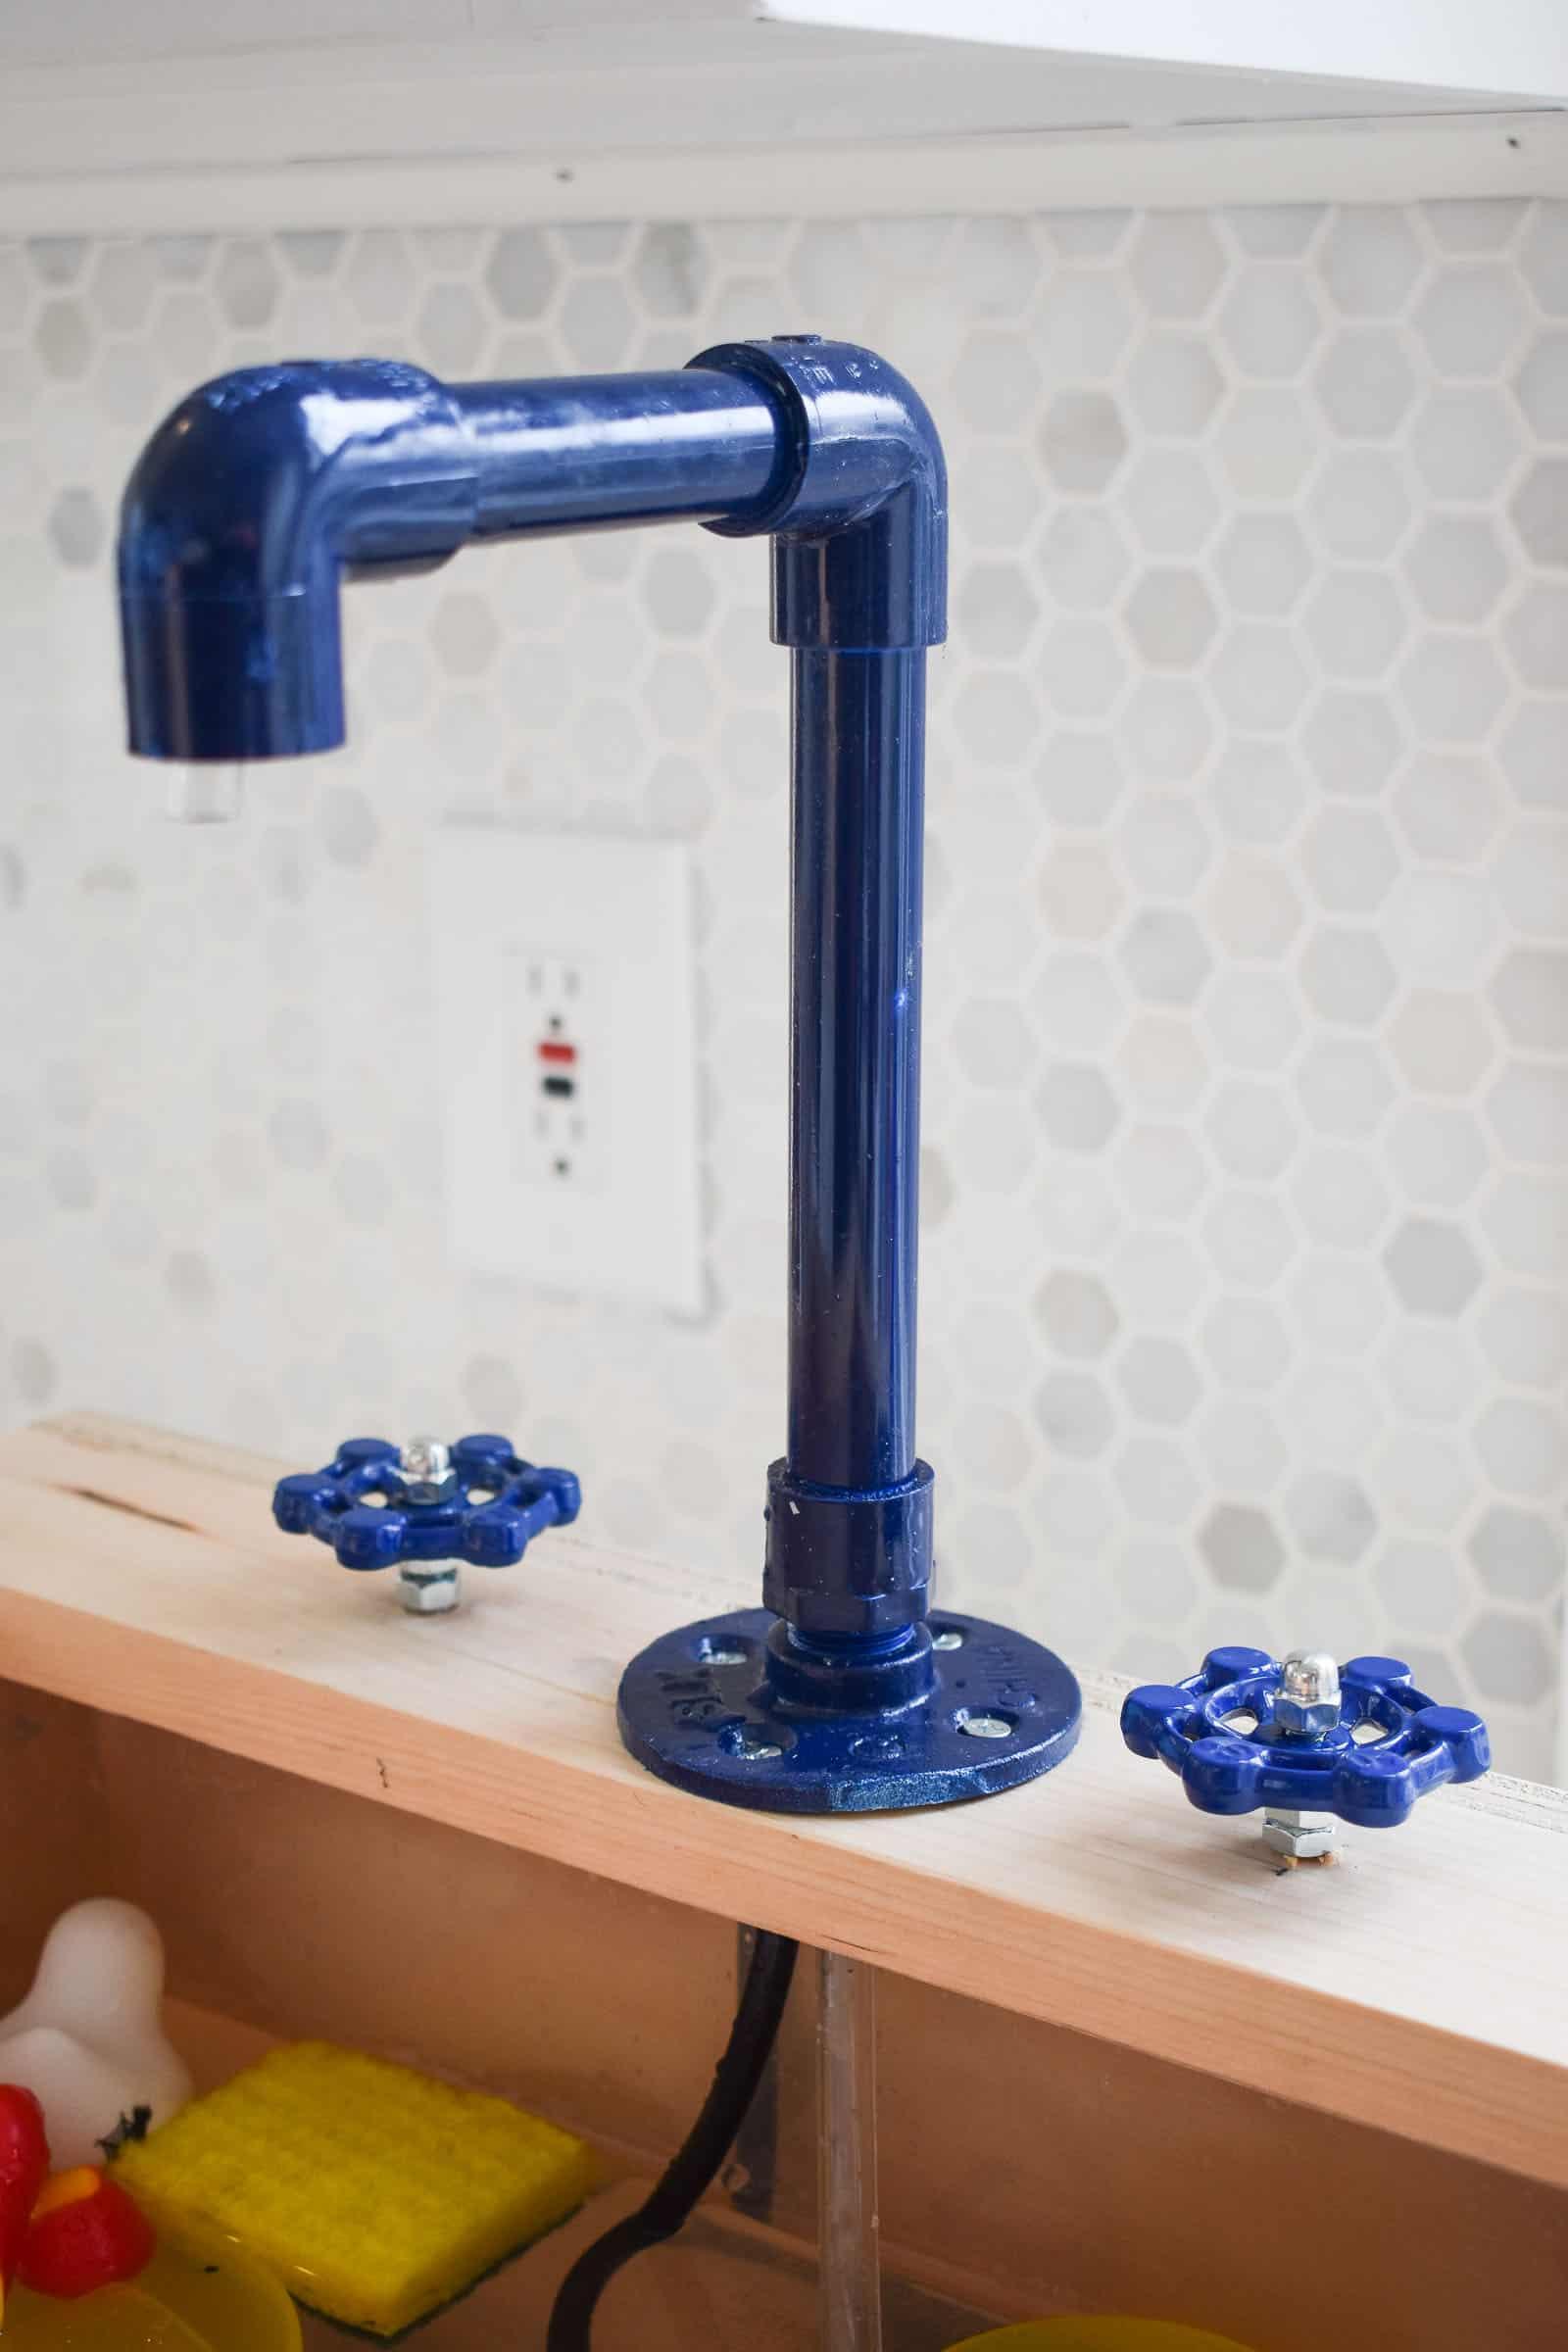 PVC pipe faucet